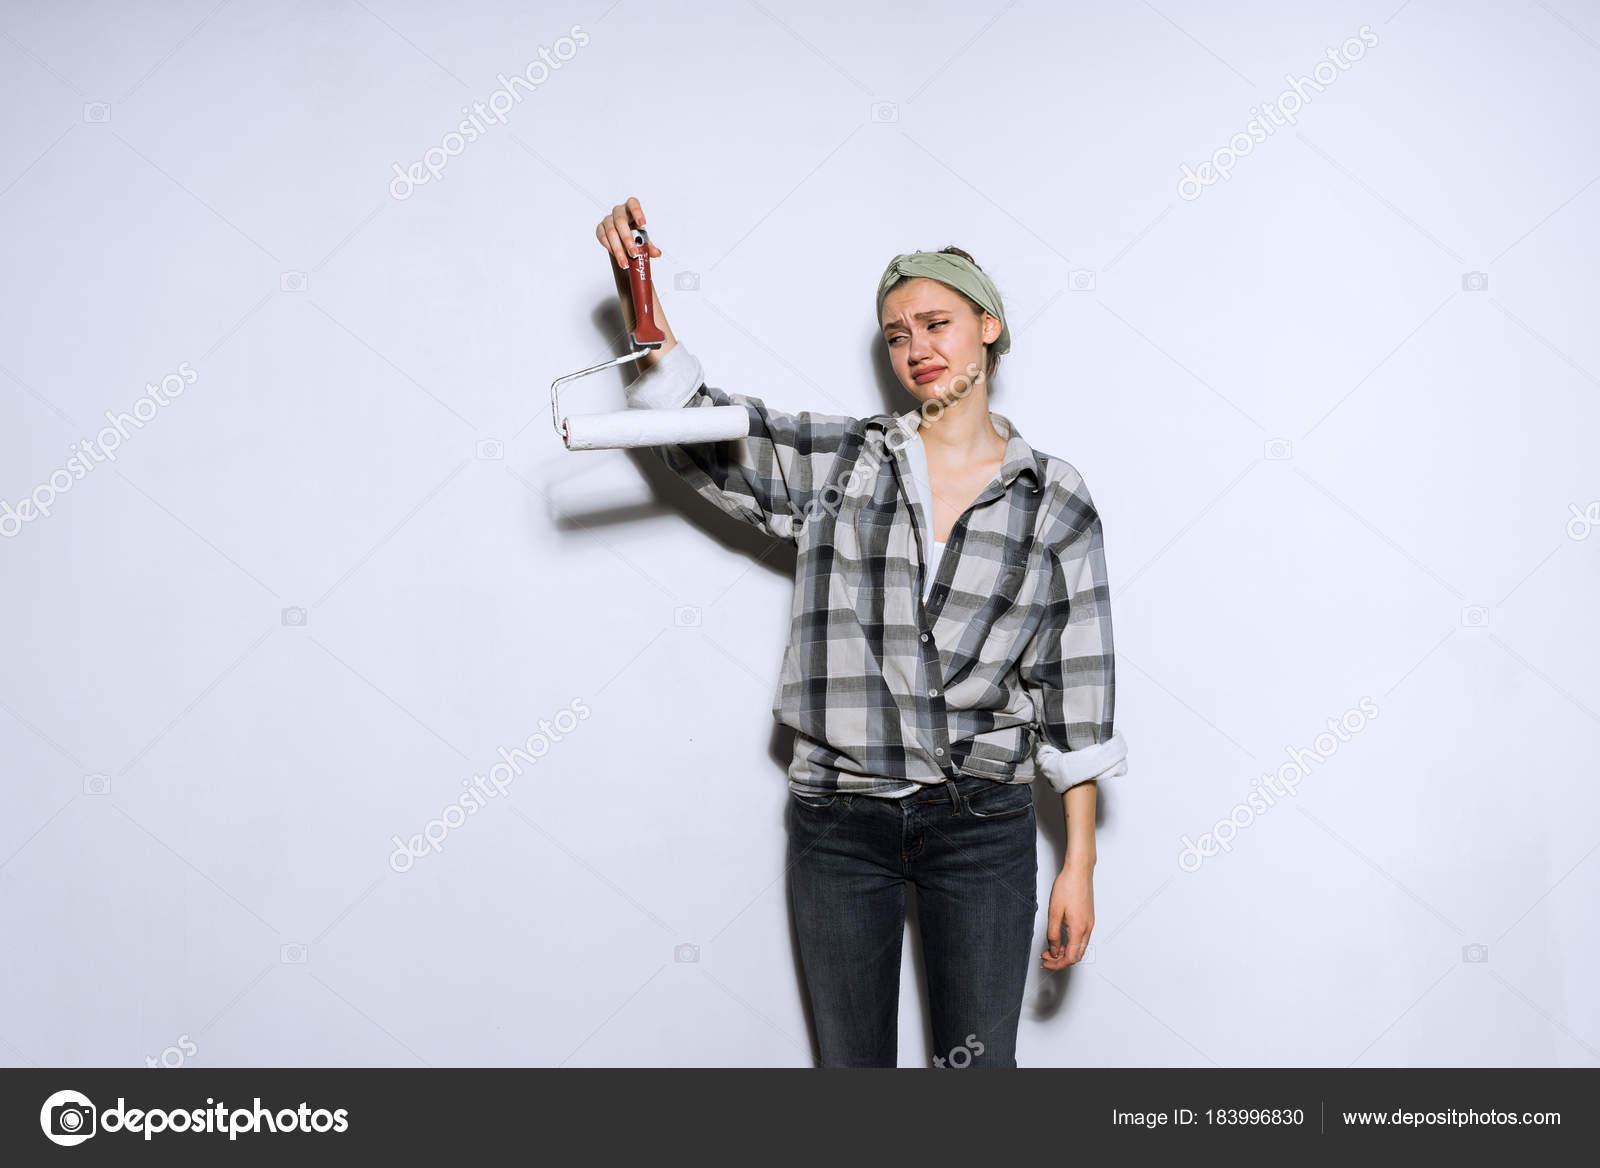 üzgün üzgün Genç Kız Ekose Gömlekli Rulo Boya Duvarlar Için Tutar